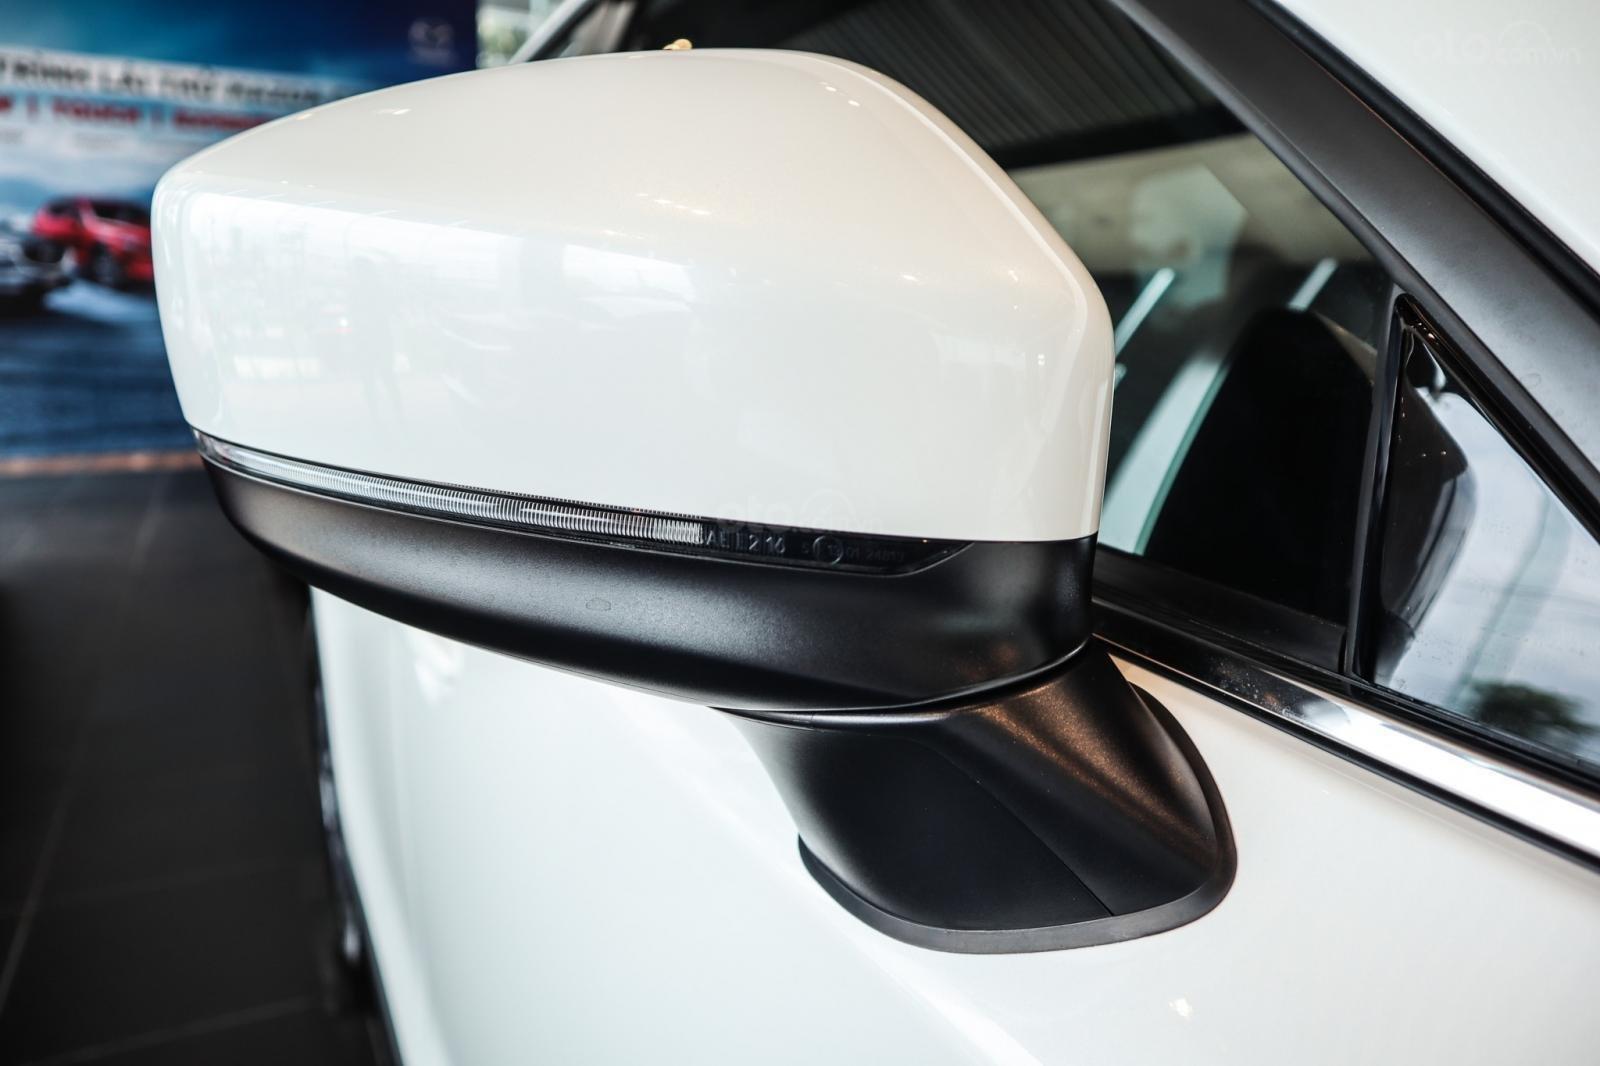 Mazda CX5 giá từ 849 triệu, xe giao ngay, đủ màu, phiên bản, liên hệ ngay với chúng tôi để nhận được ưu đãi tốt nhất (5)